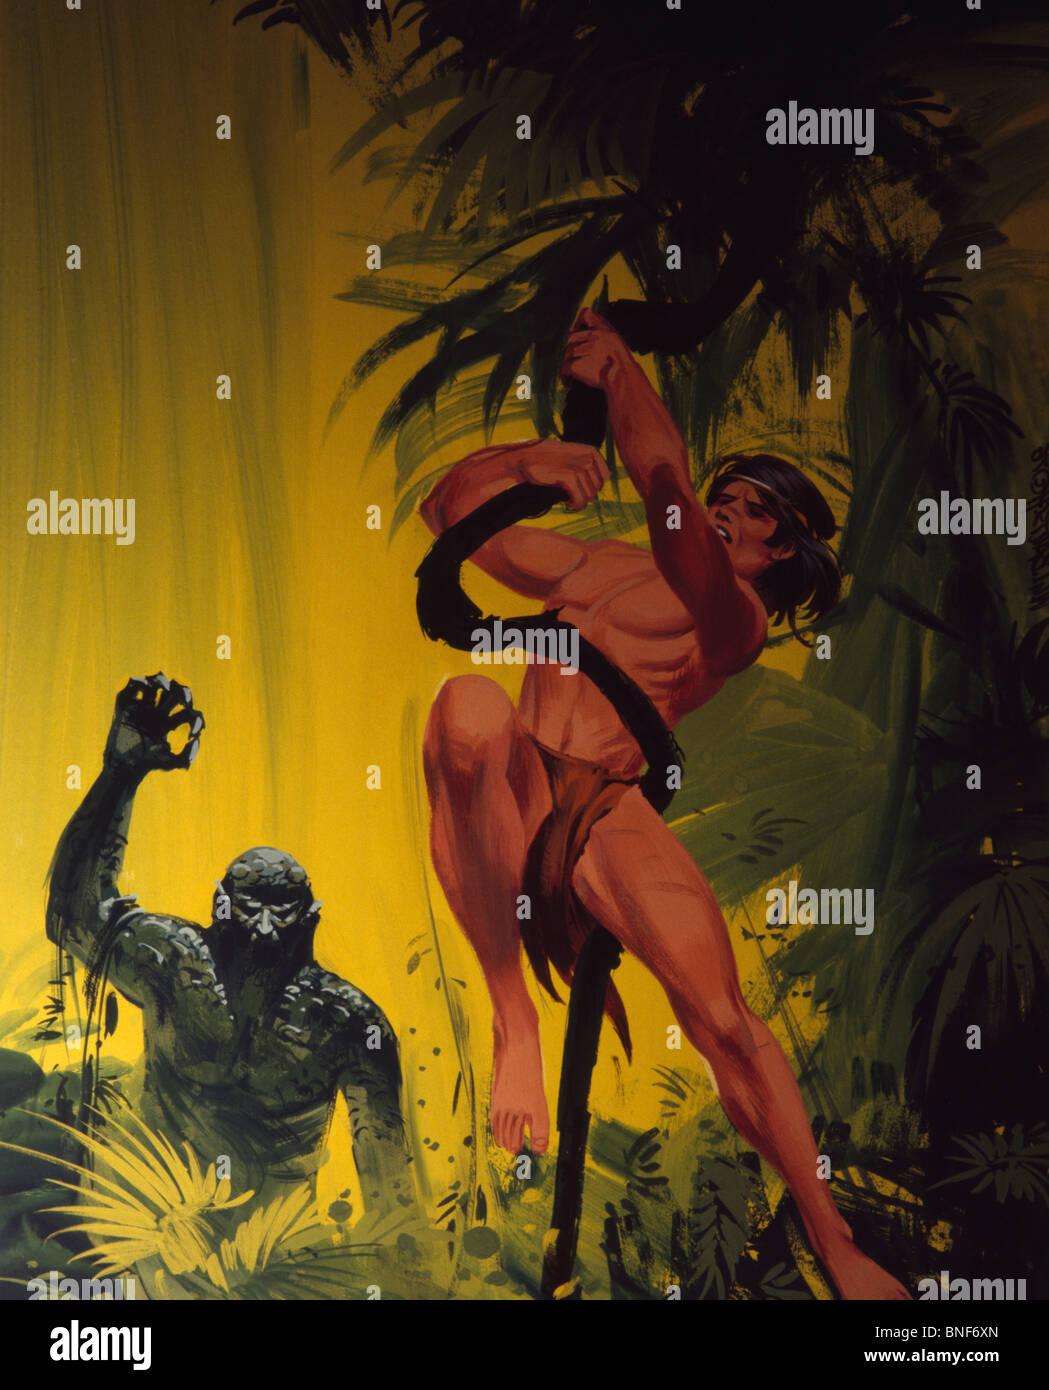 Tarzan basculante in liana e monster a caccia di lui Foto Stock